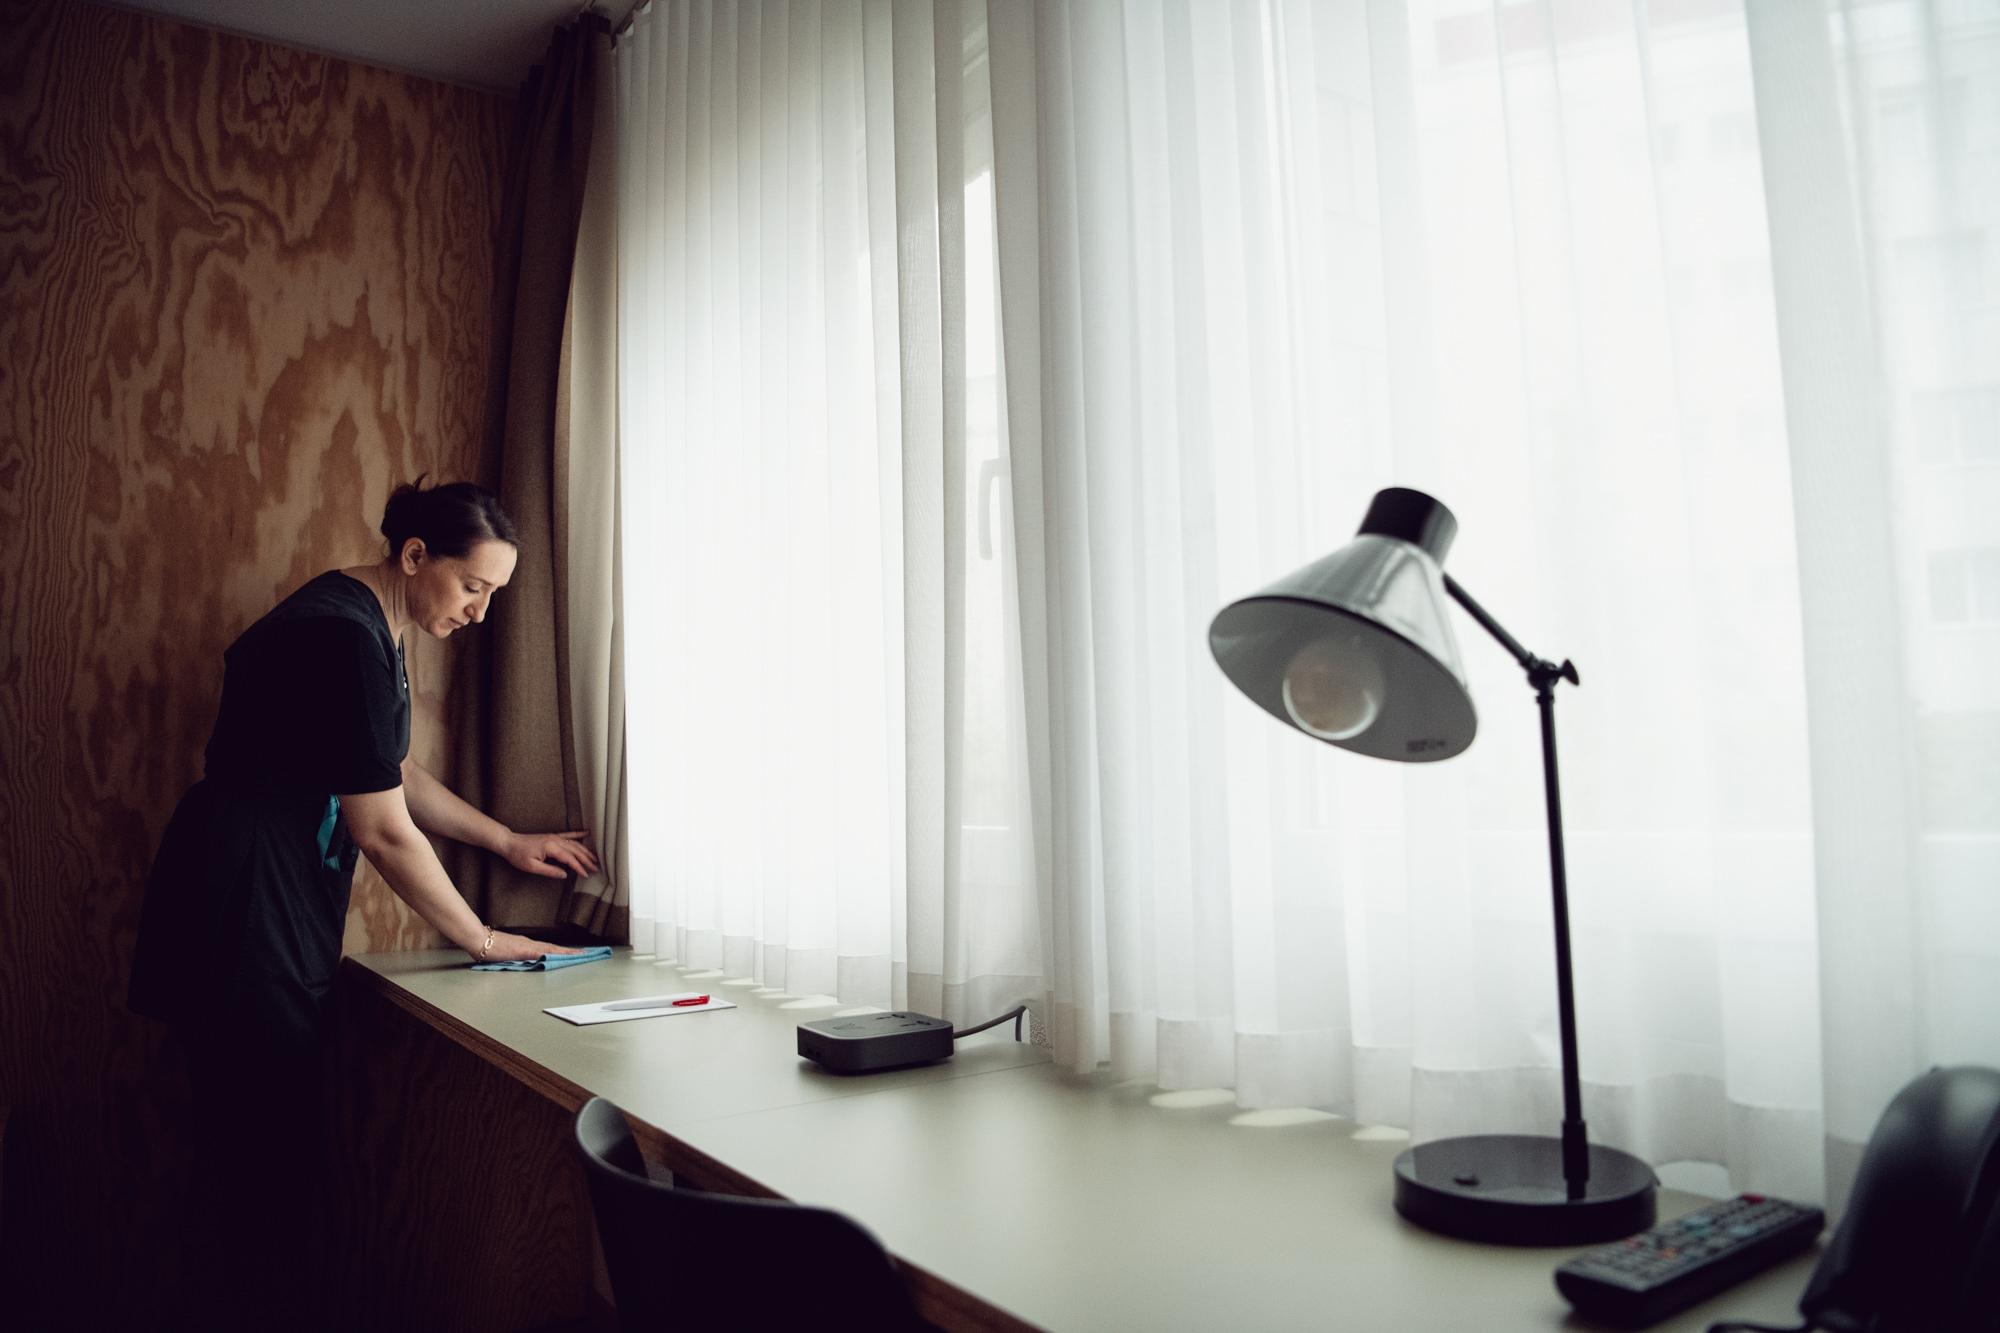 hotellerie_suisse29.jpg